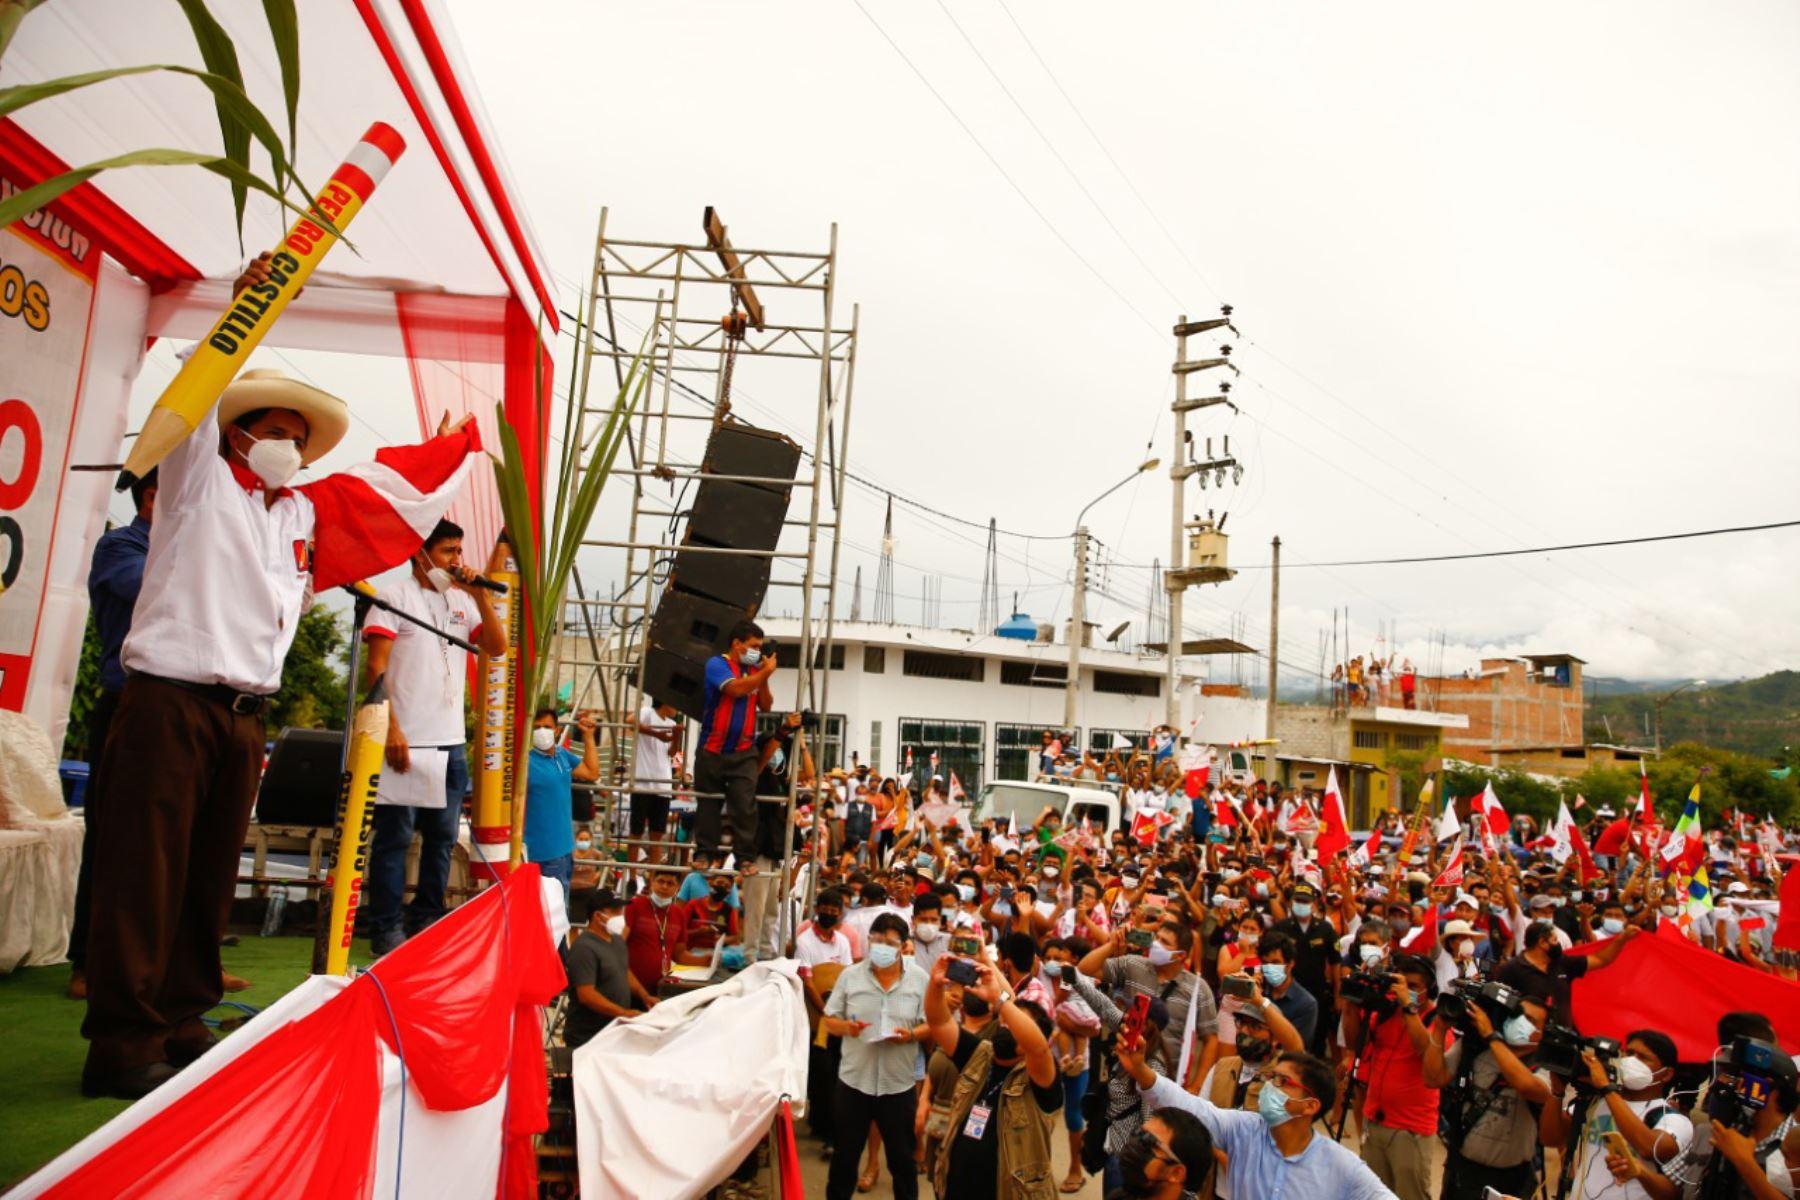 Pedro Castillo realiza mitin en la plaza Gochilla de Bagua Grande luego de hacer una caravana por la ciudad. Foto: ANDINA/ Andrés Valle